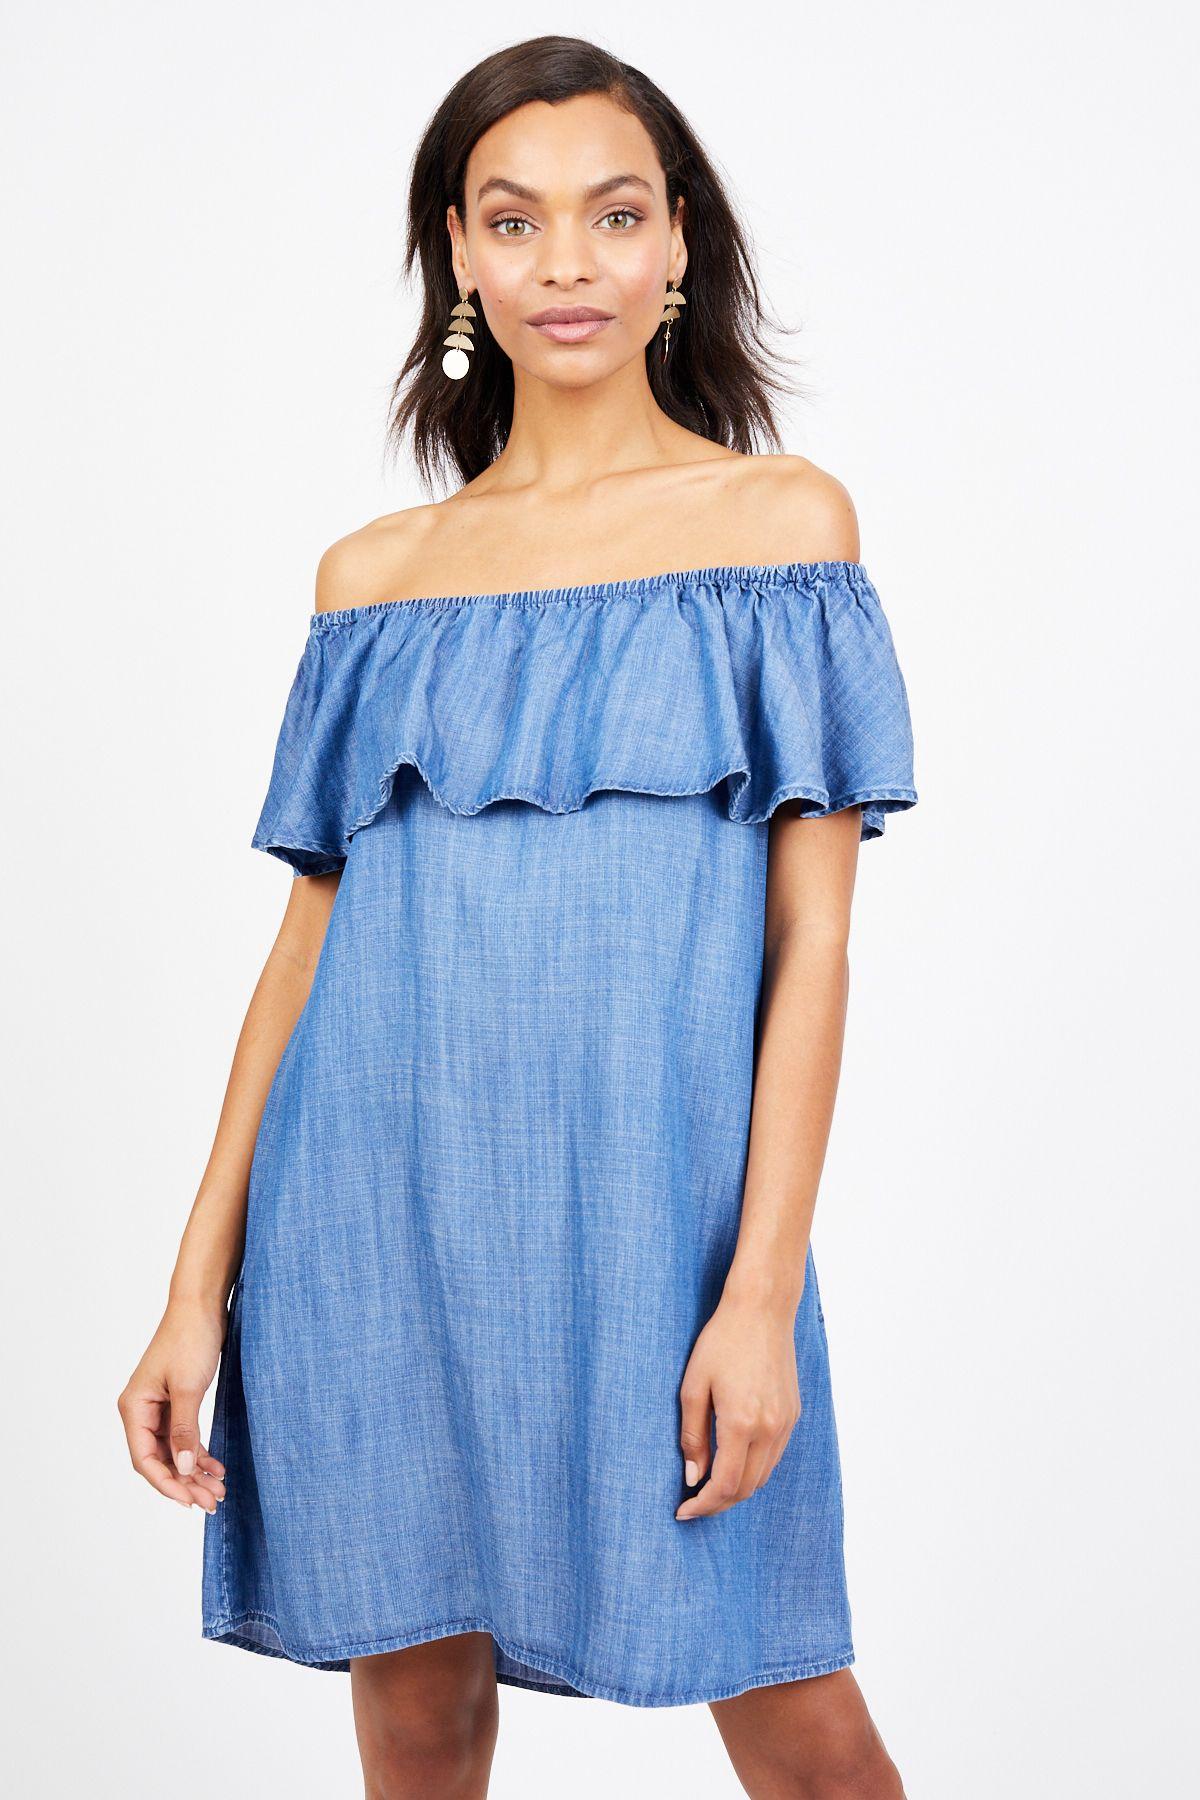 Off Shoulder Denim Dress Fashion, Latest fashion for